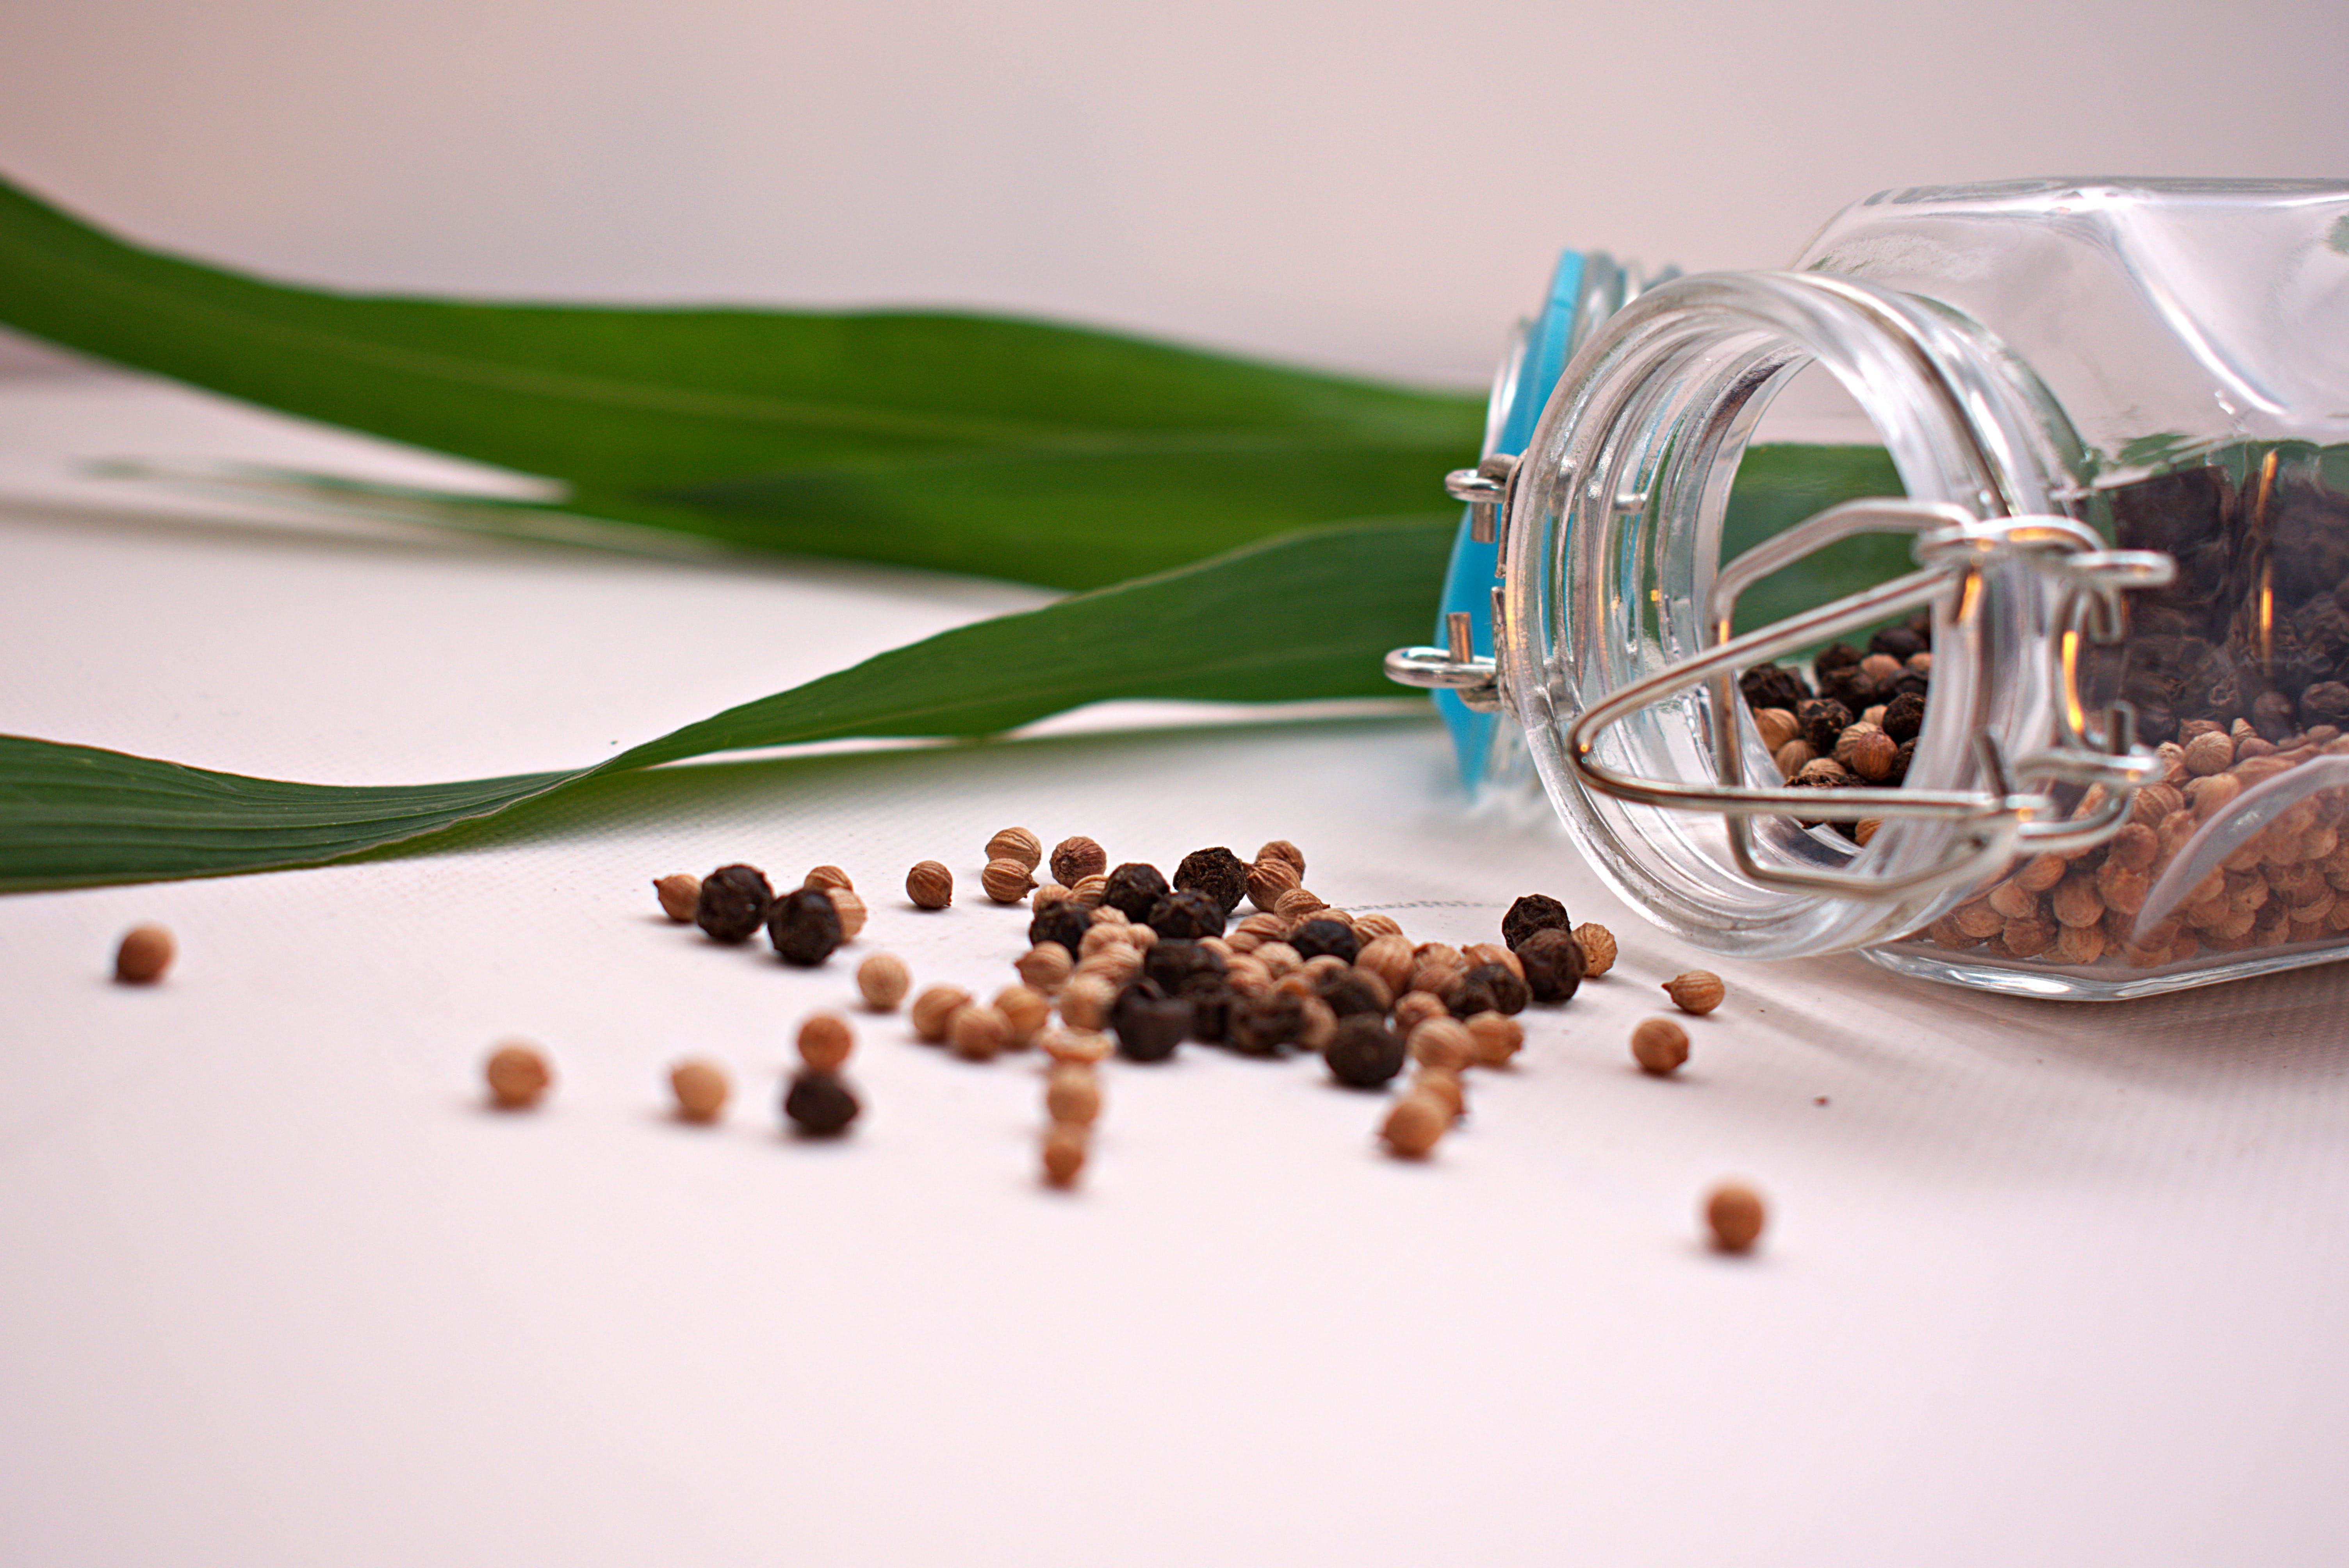 음식 재료, 컨테이너, 후추의 무료 스톡 사진